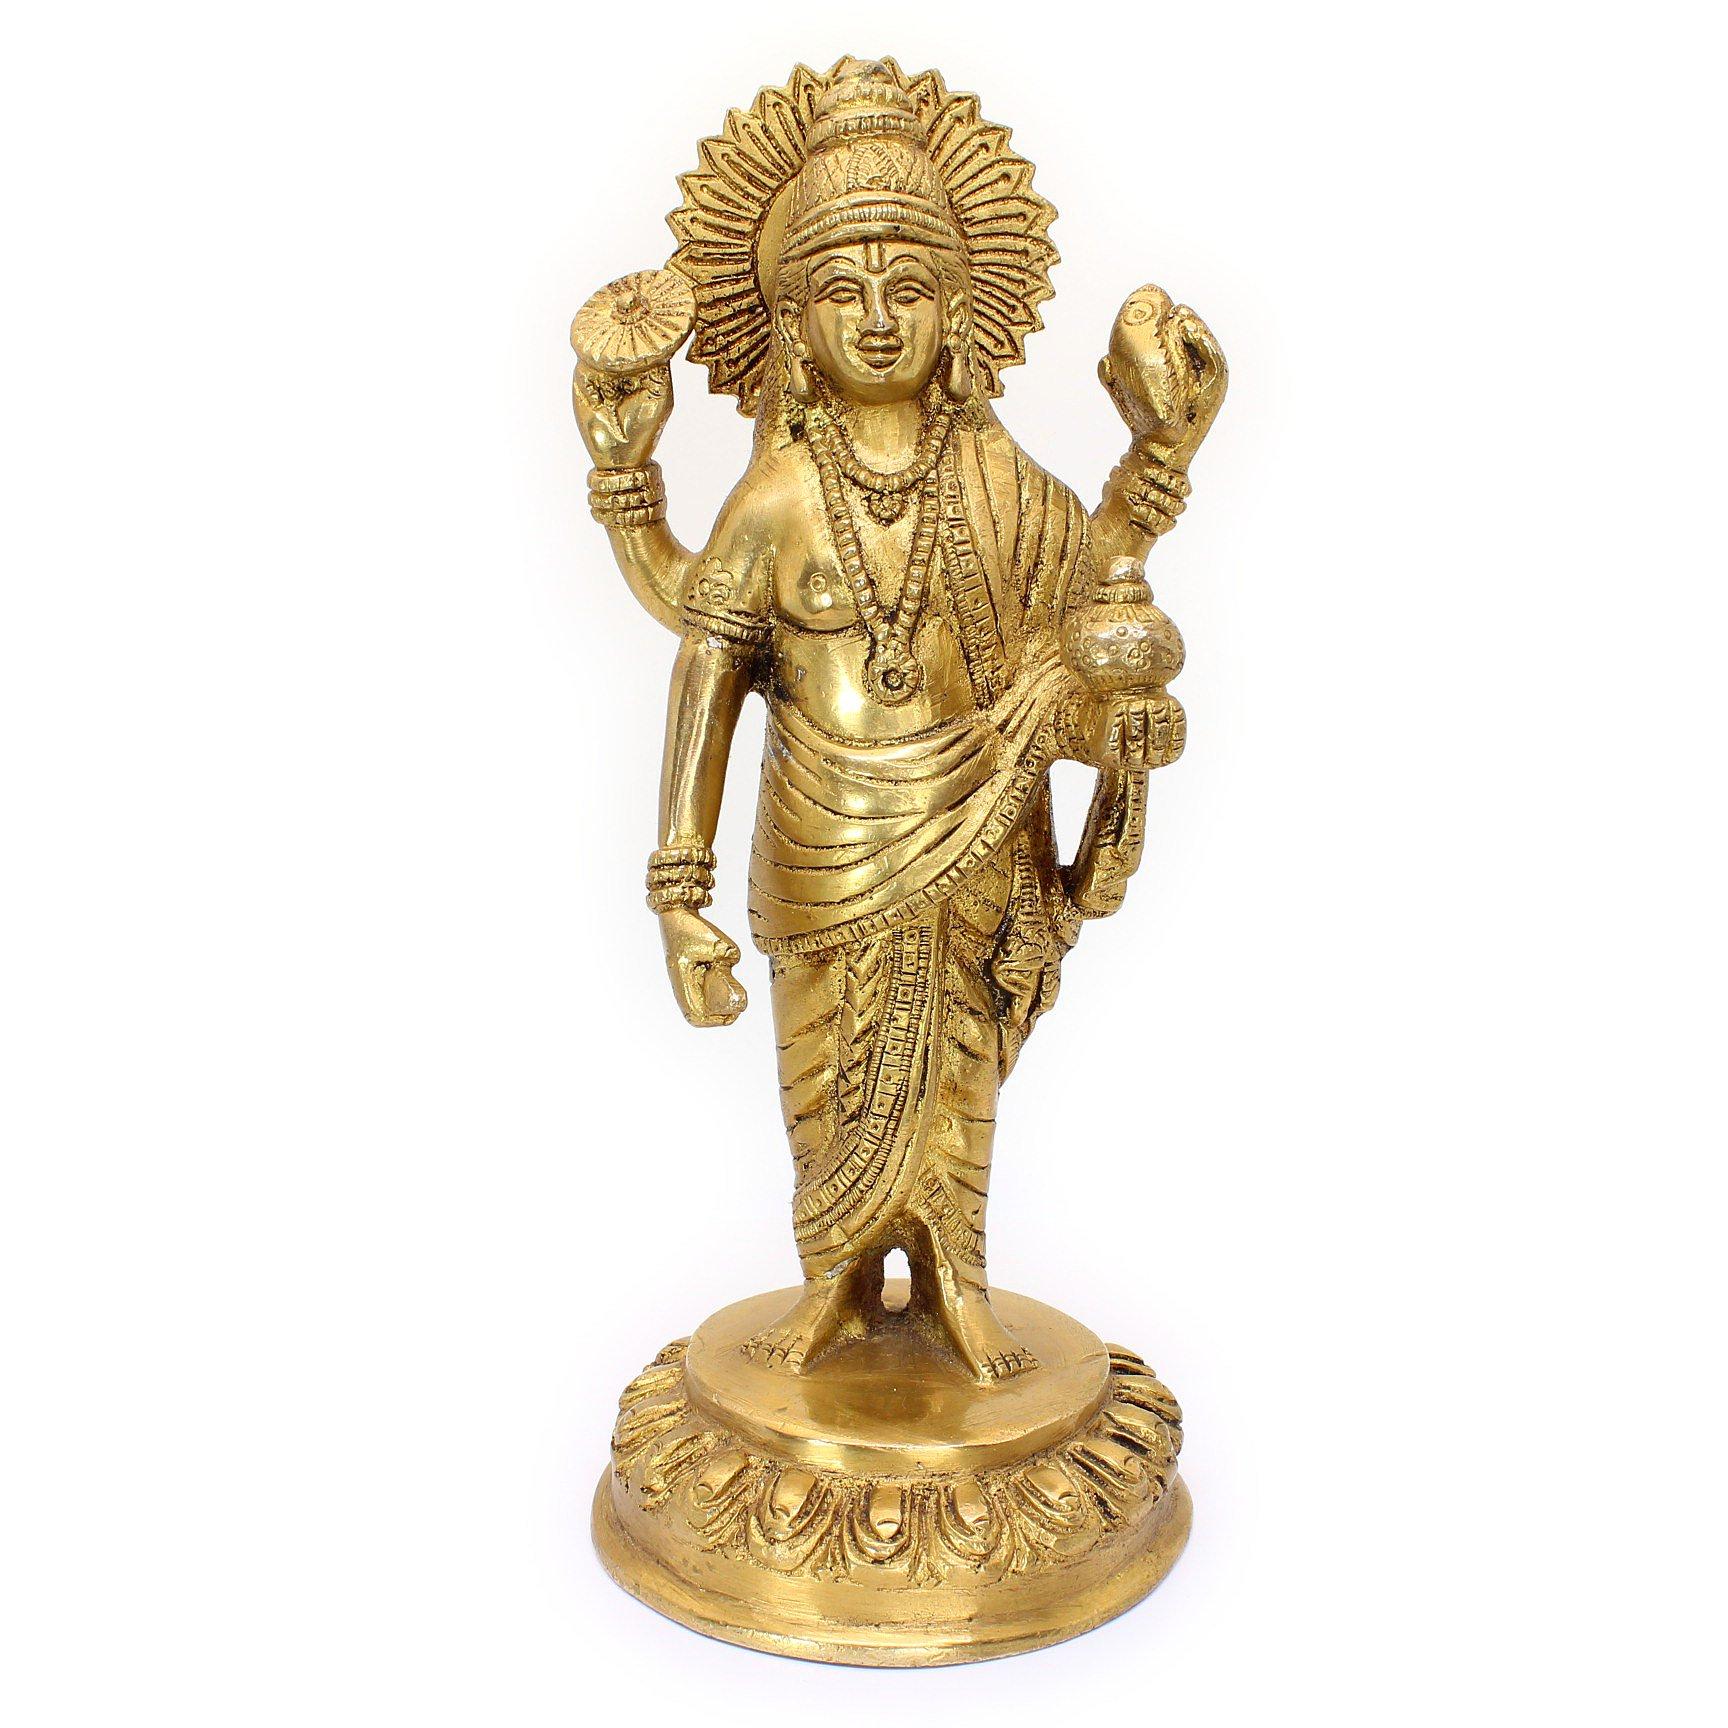 ダンヴァンタリ神像(真鍮製、高さ約20cm)